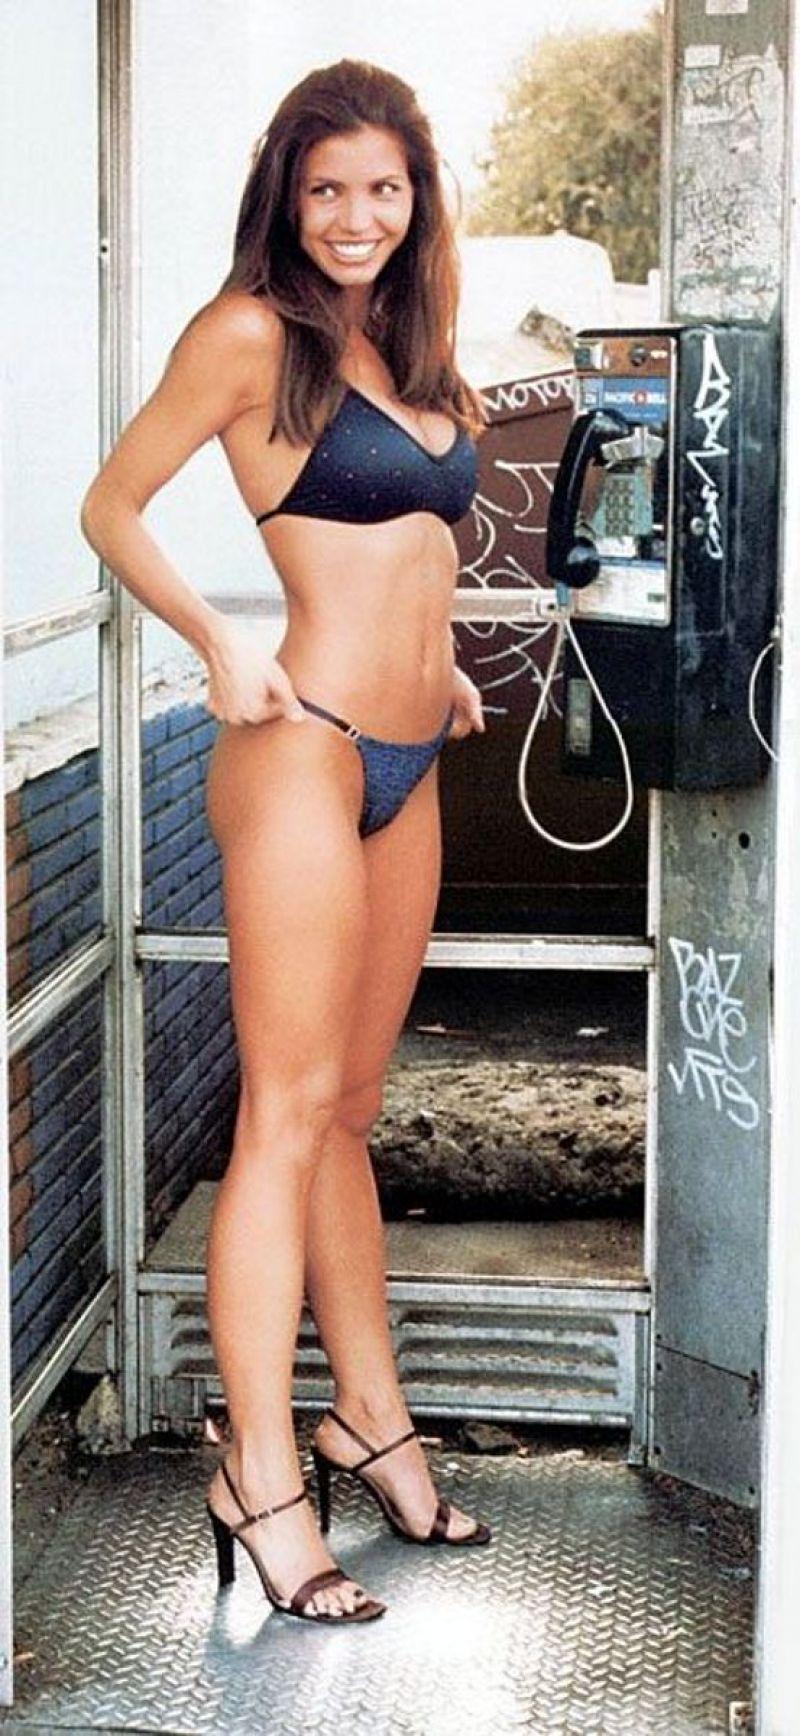 Charisma carpenter in a black bikini